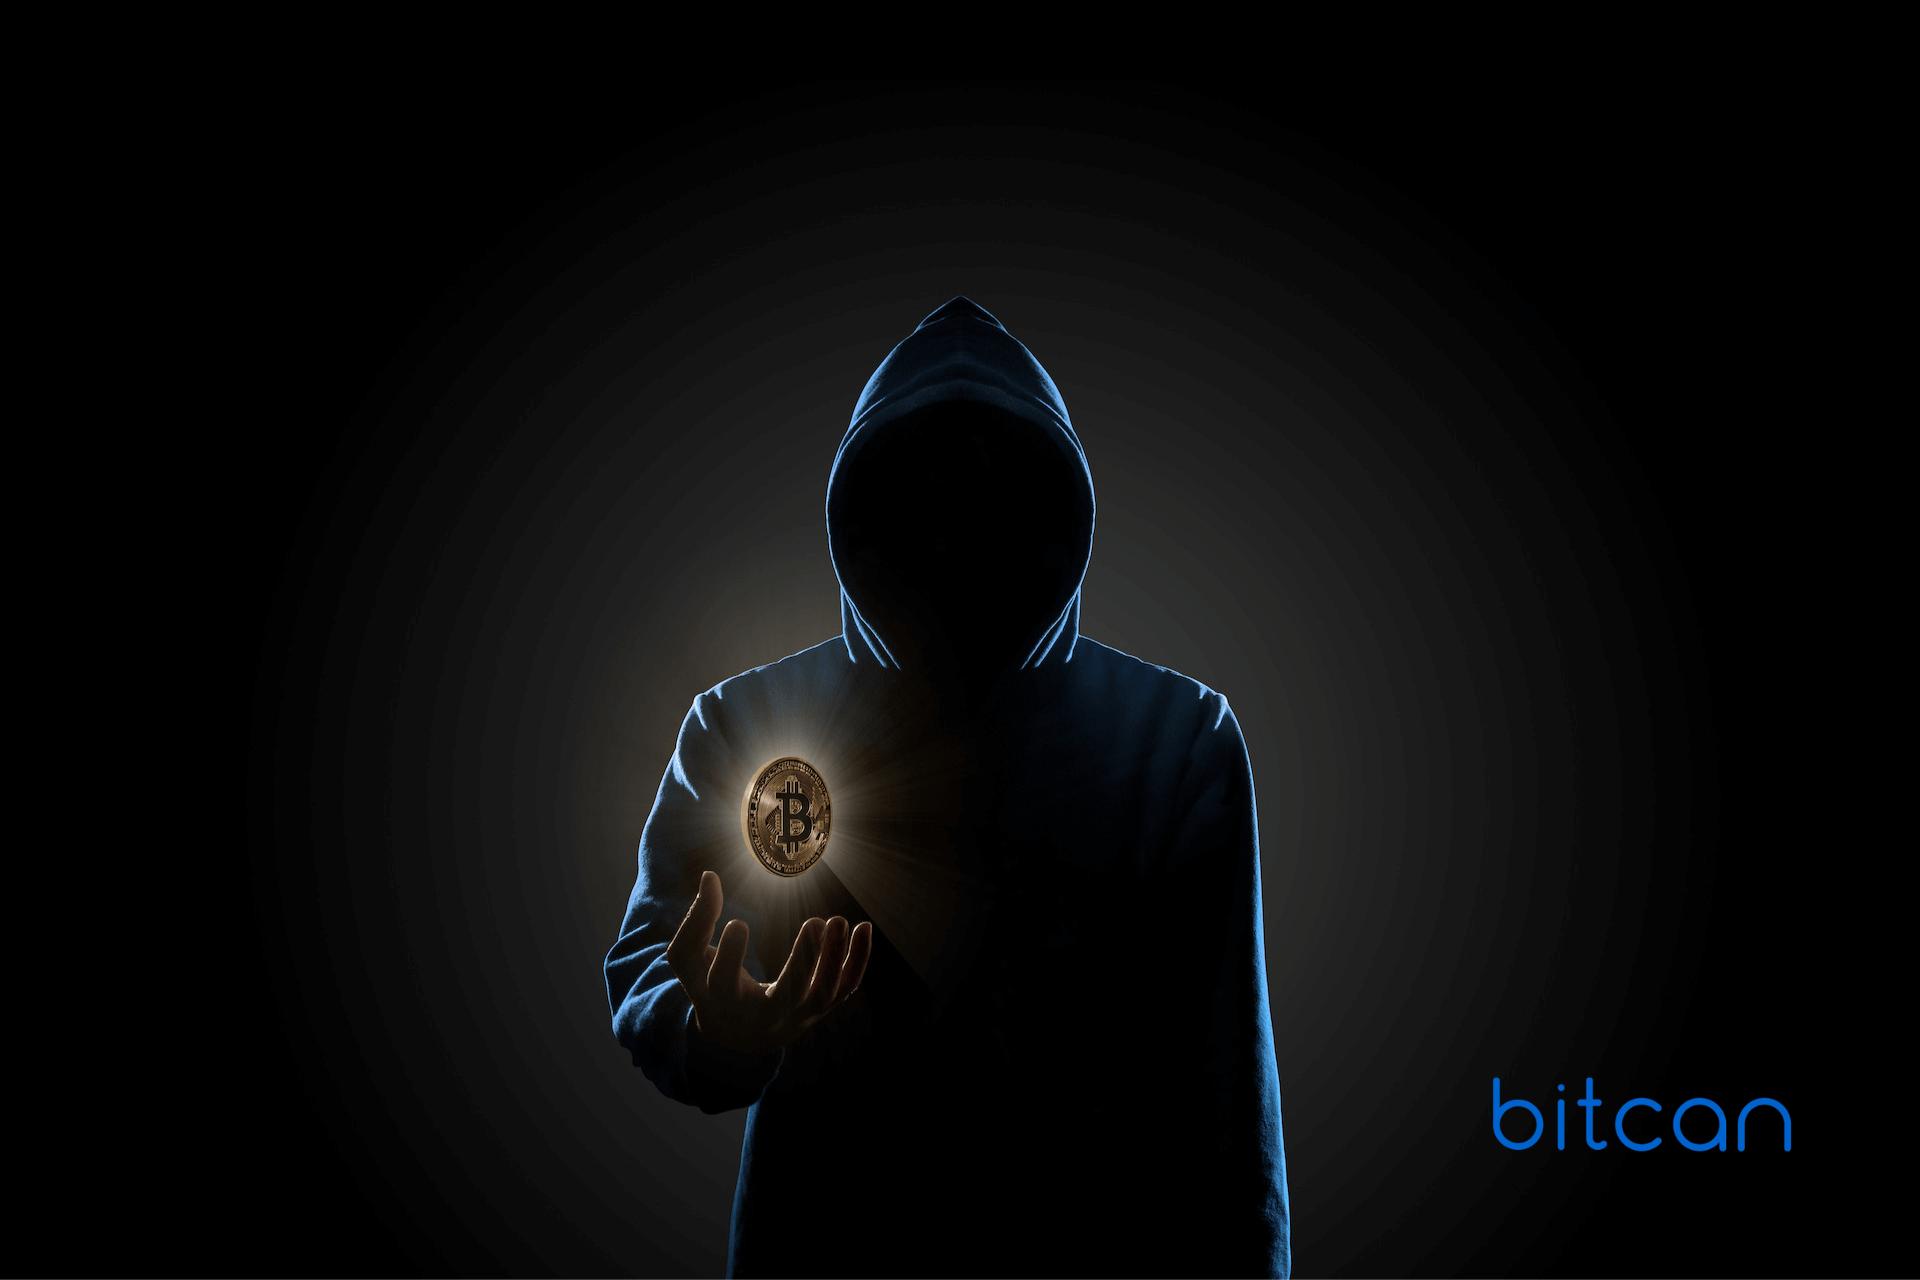 Mail od hakera bitcoin? Aplikacje, które mogą ukraść Twoje cyfrowe waluty